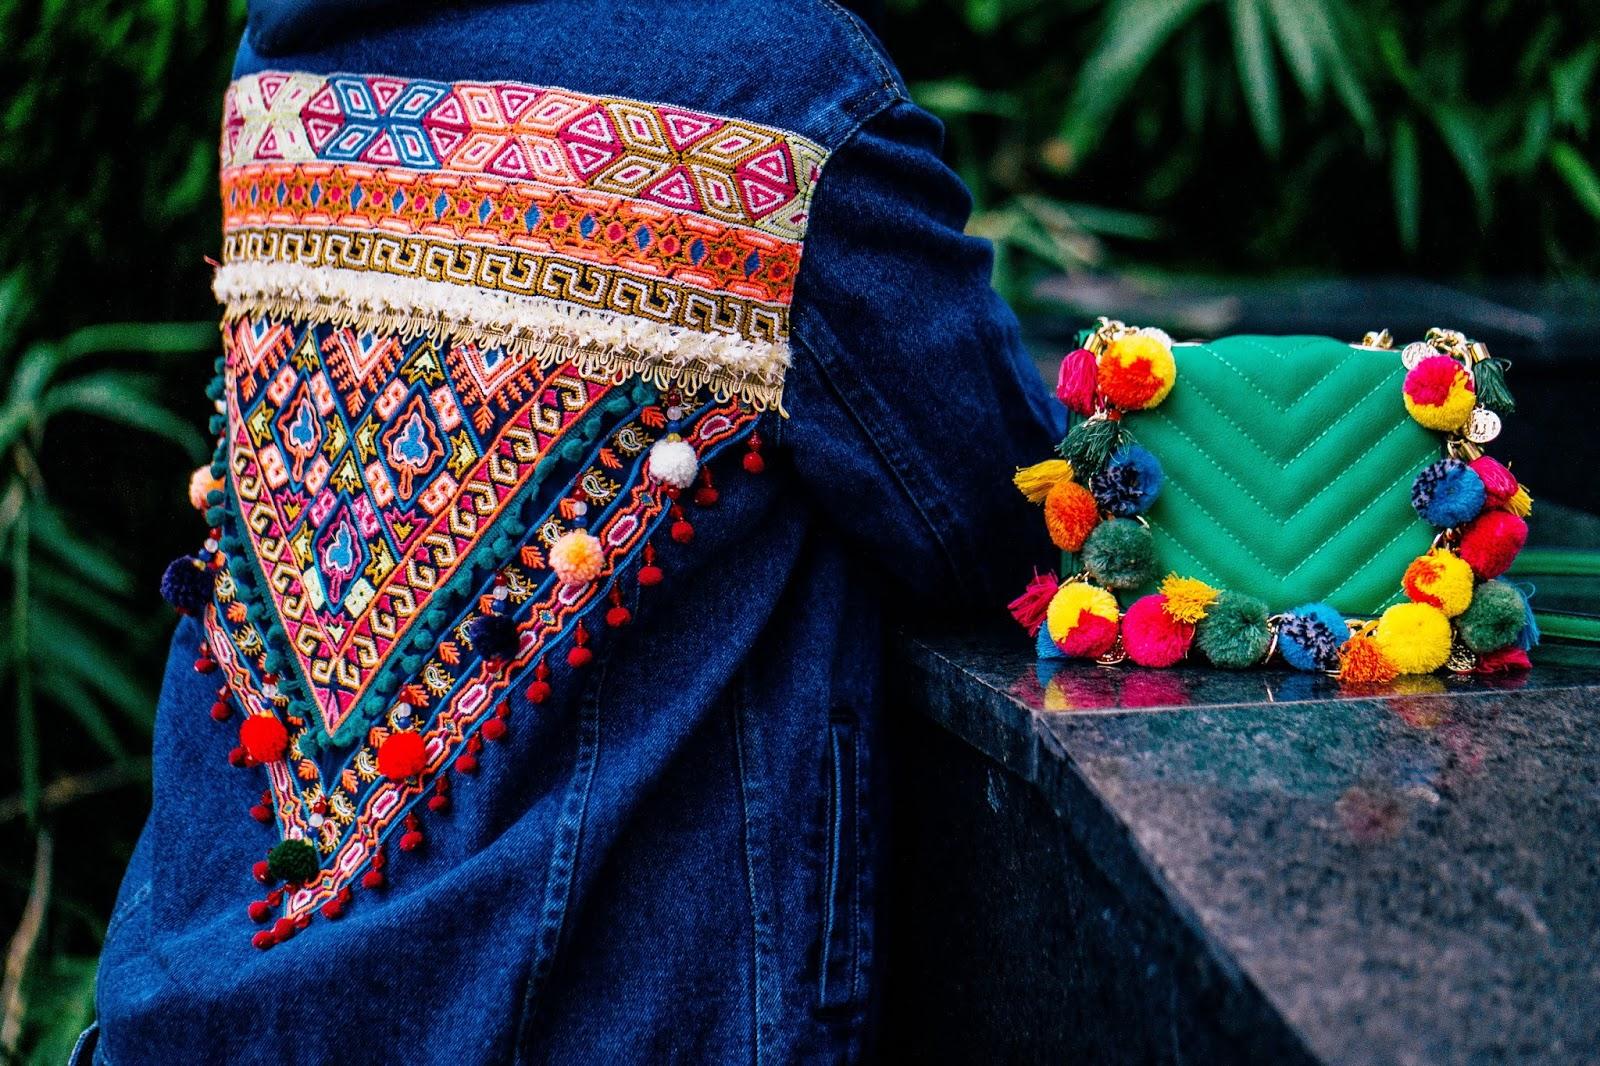 Bohemian Denim Jacket with Pom Poms